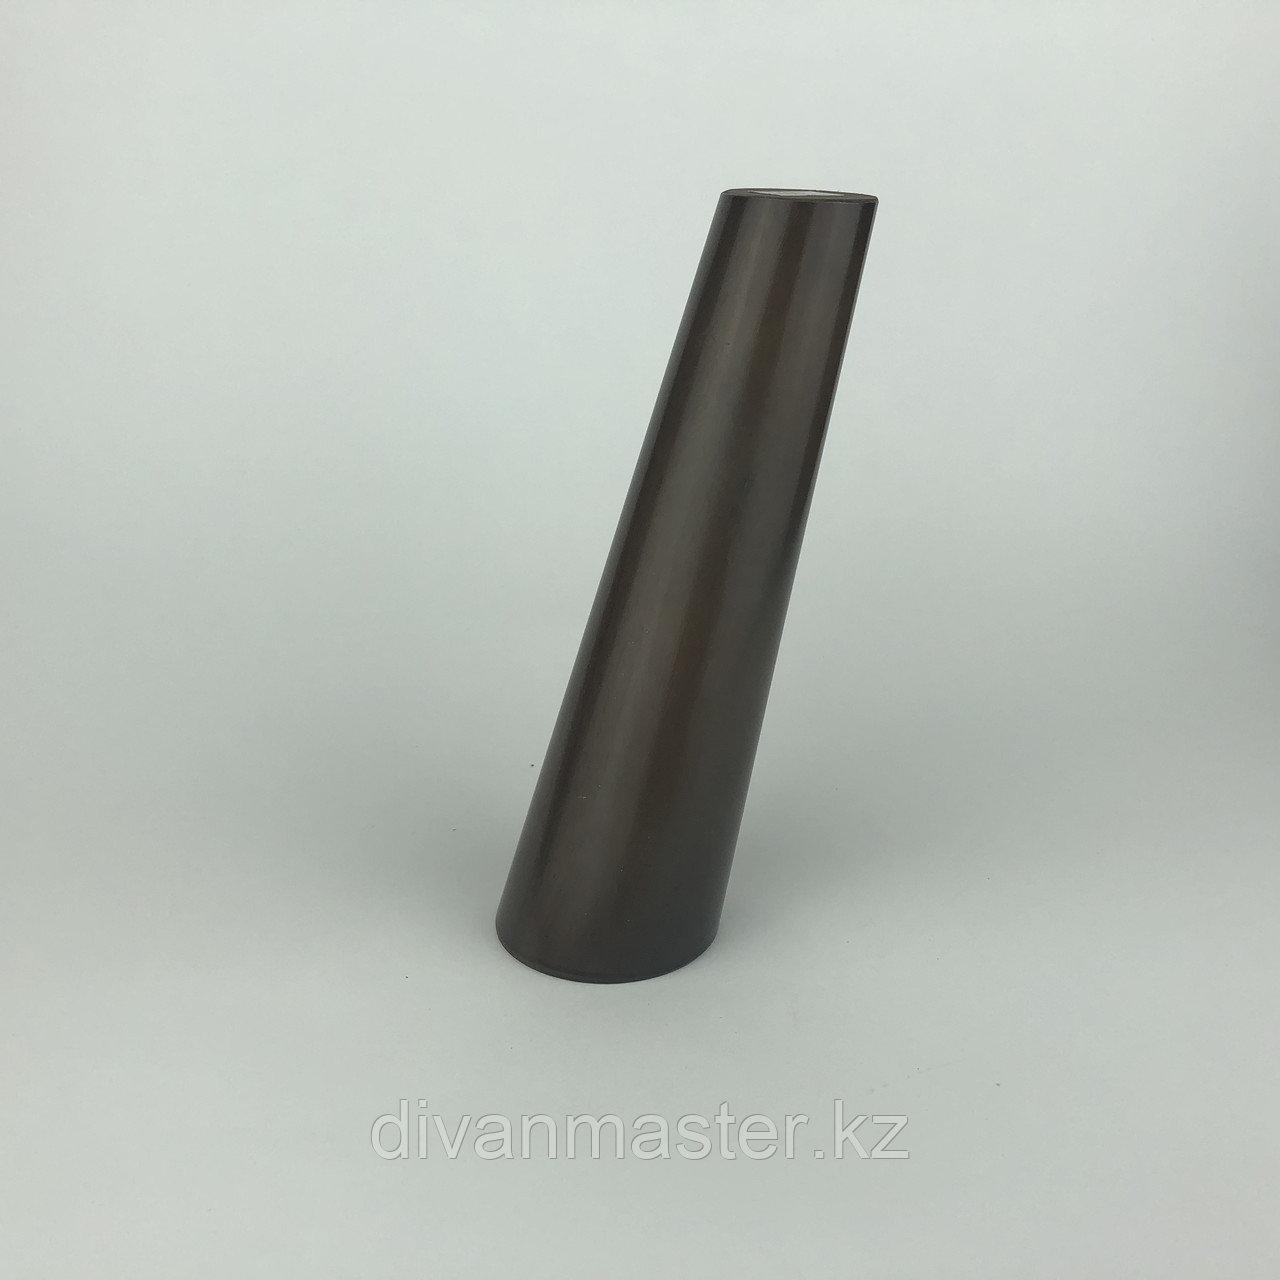 Ножка мебельная, деревянная, конус с наклоном 20 см